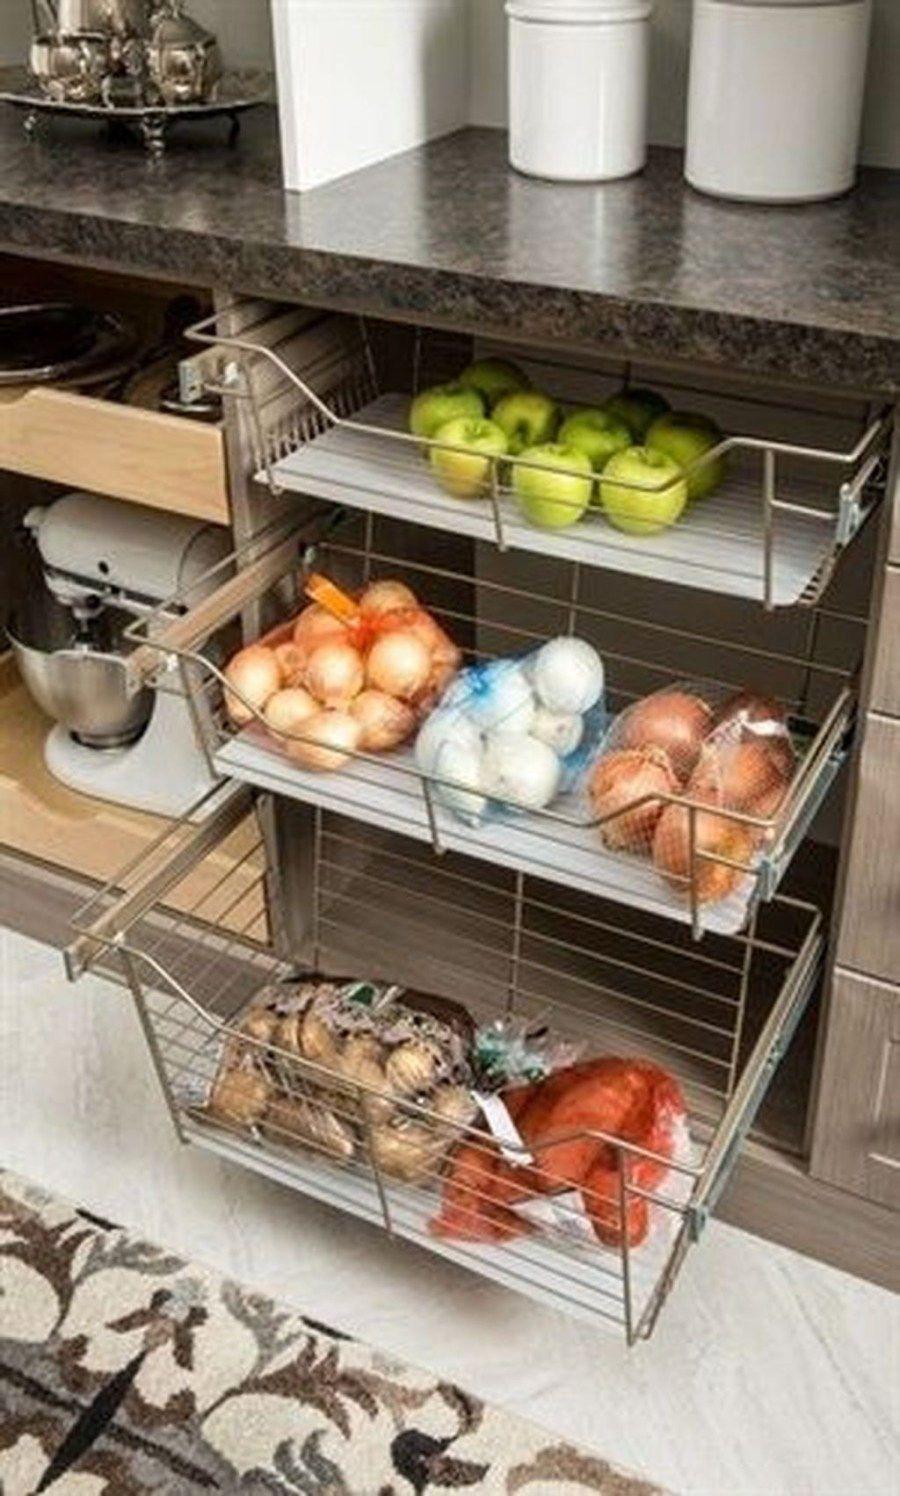 50 Stunning Farmhouse Kitchen Storage Ideas Best For Designing Your Kitchen - Trendehouse #kitchenstorage